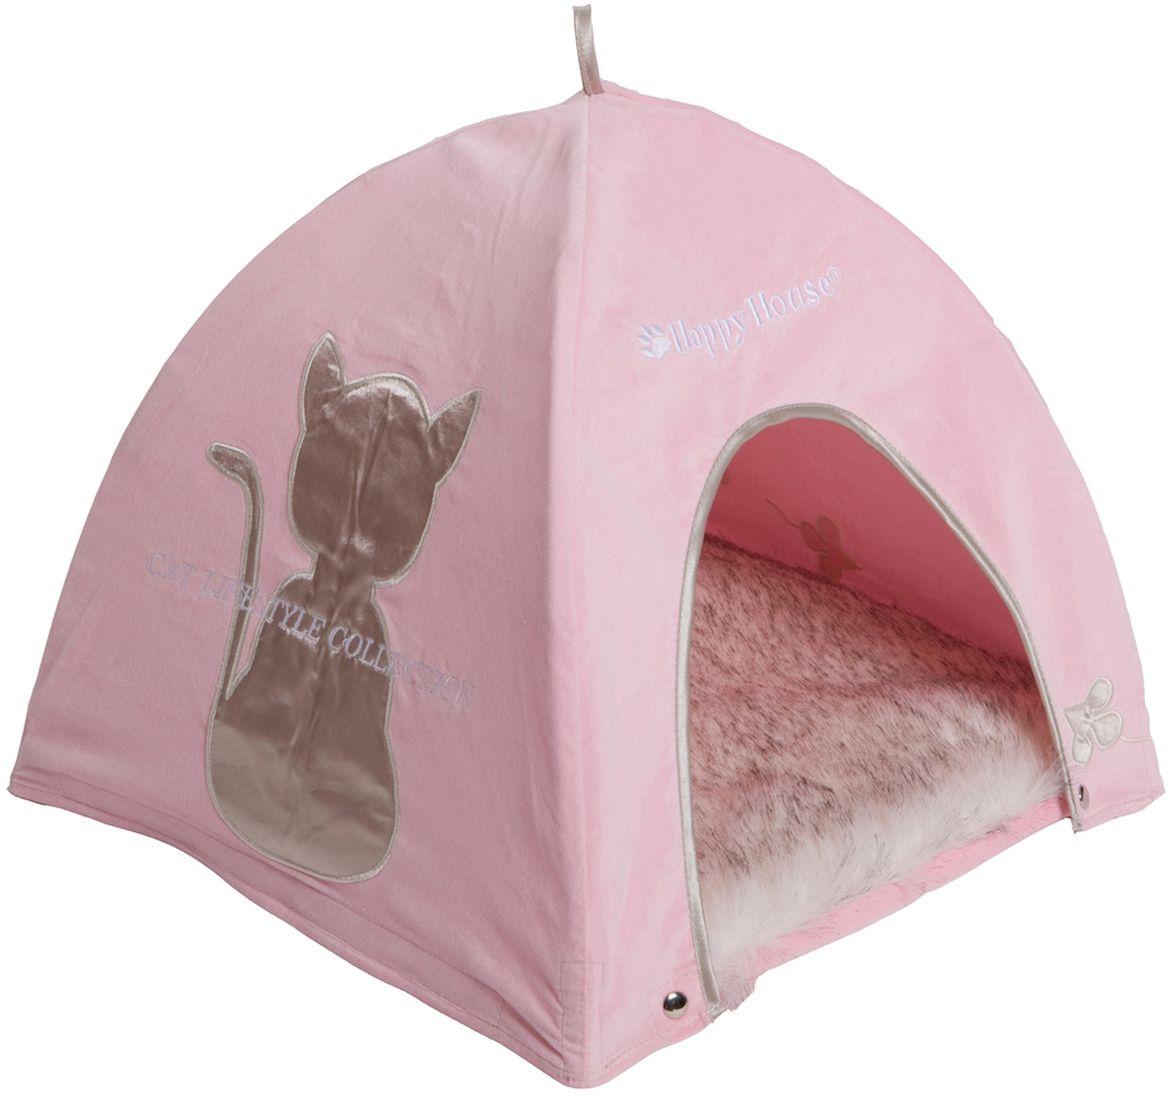 Домик для кошек Happy House Cat Lifestyle, цвет: розовый, 41 х 41 х 39 см0120710Домик Happy House Cat Lifestyle обязательно понравится вашему питомцу. Изделие выполнено из полиэстера в виде палатки. Домик очень удобный и уютный, с маленьким проемом, куда ваш любимец обязательно захочет забраться. Верх мягкой съемной подстилки выполнен из искусственного меха. Встроенный гибкий каркас позволяет просто собирать и разбирать домик, облегчая транспортировку и хранение. Домик крепится к подстилке при помощи липучек и кнопок.Компактные размеры позволят поместить изделие, где угодно и станет оригинальным дополнением любого интерьера. Домик оснащен петлей, за которую его можно подвесить.